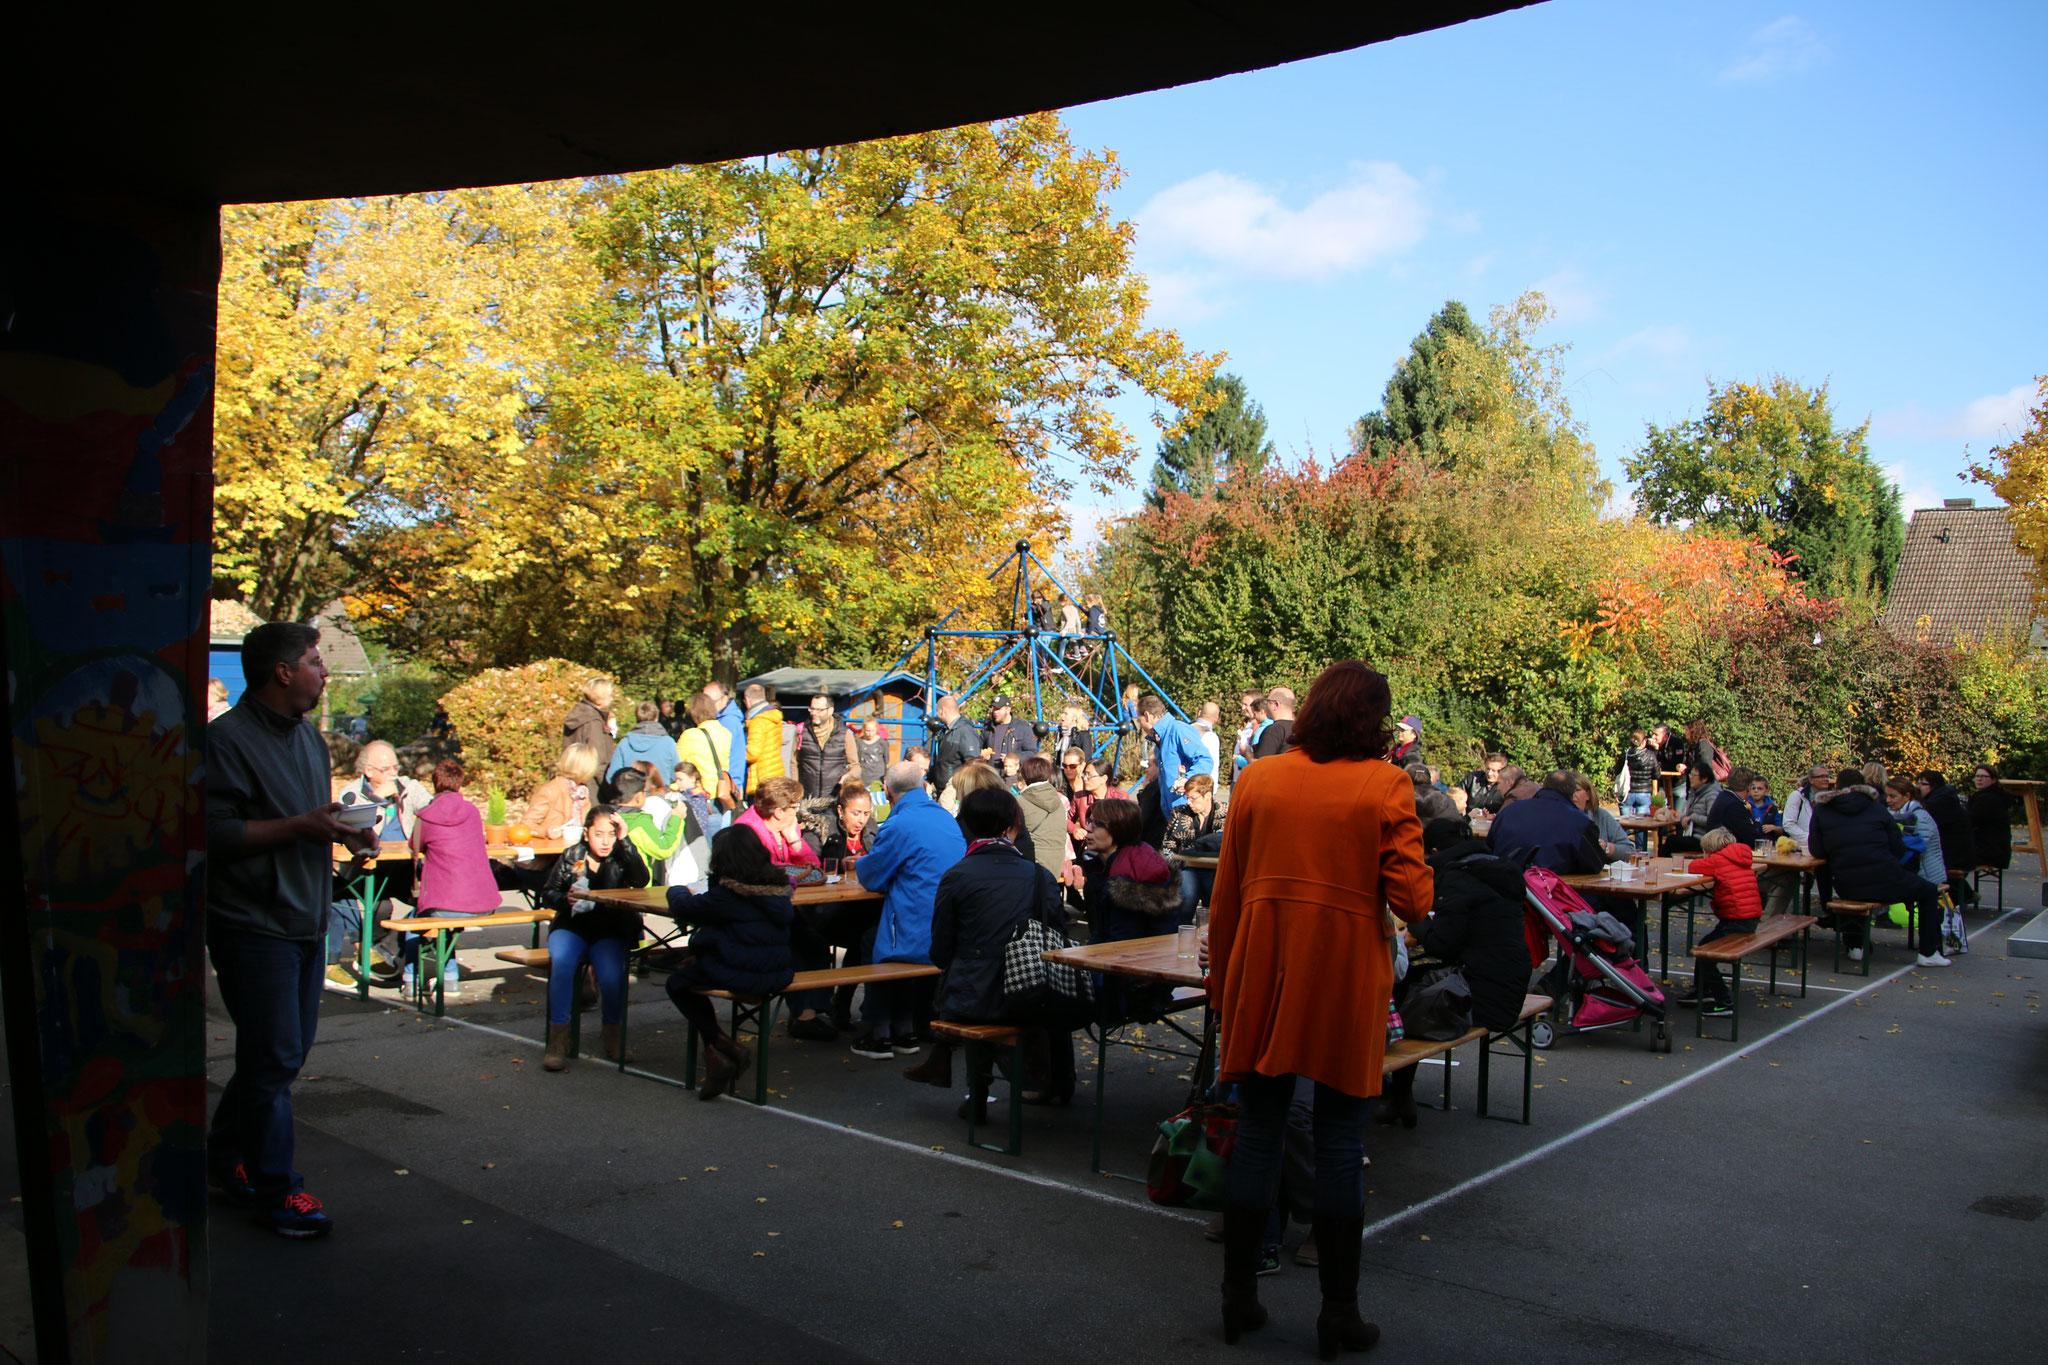 ... und bei bestem Herbstwetter konnten alle die 56. BuFa genießen!